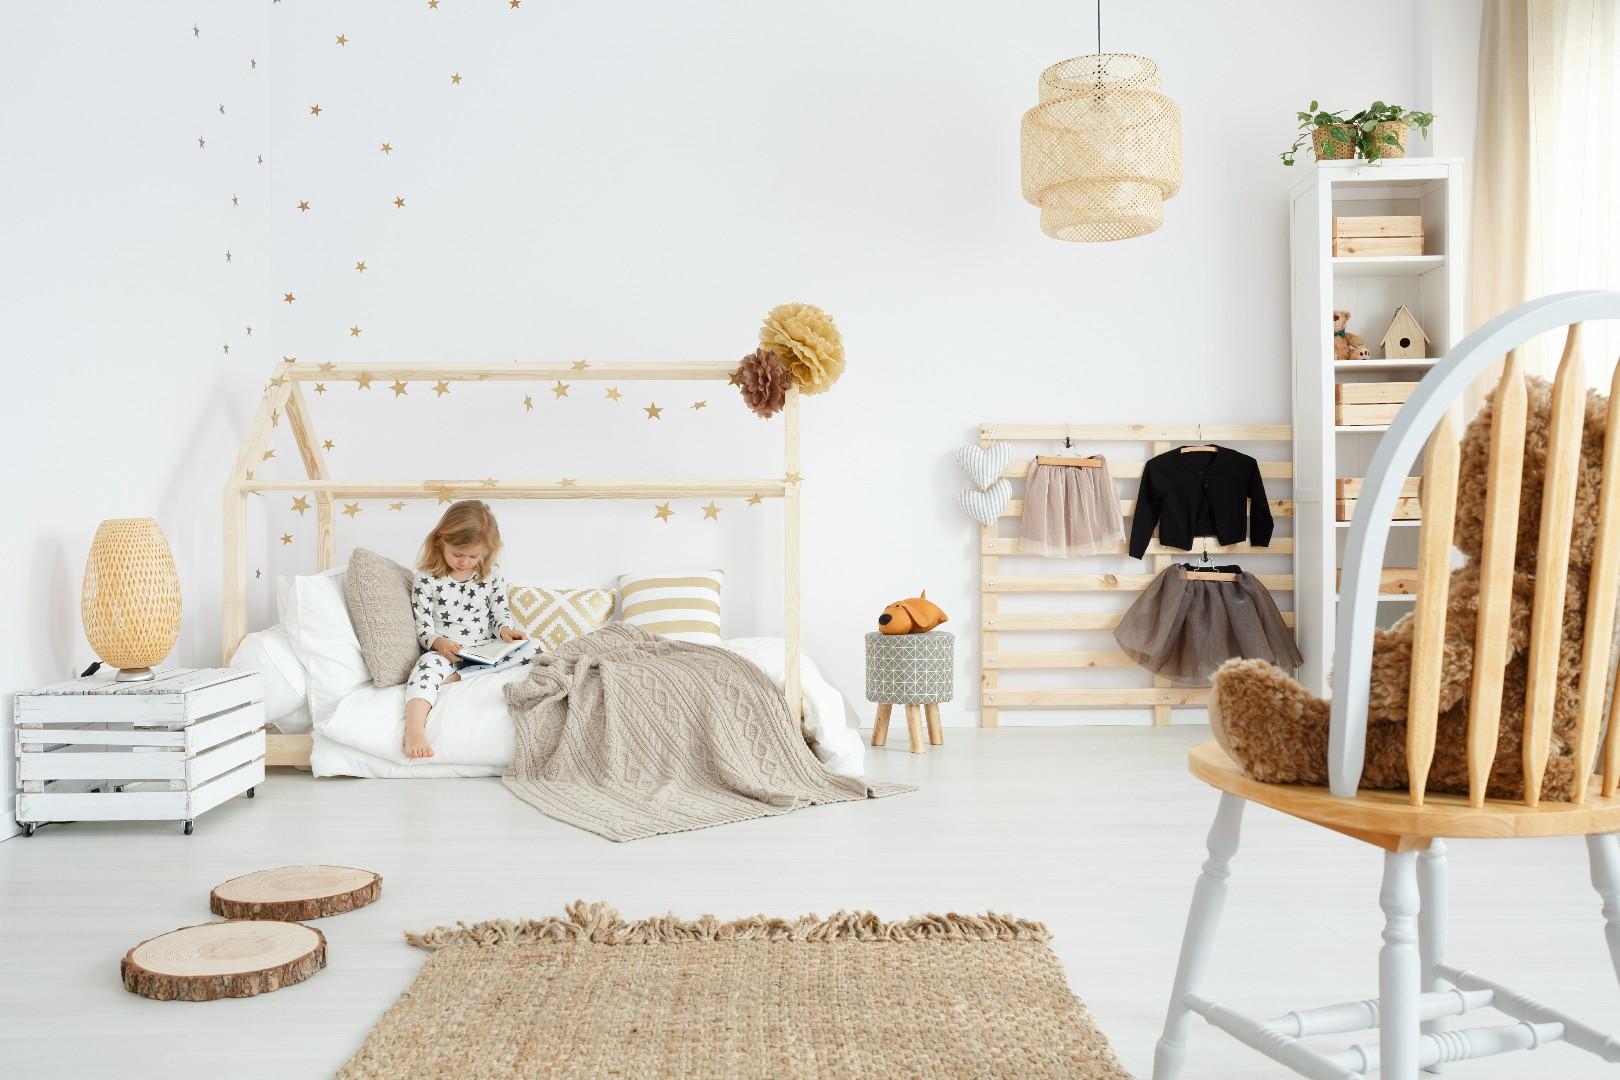 Idées d'aménagement d'intérieur scandinave